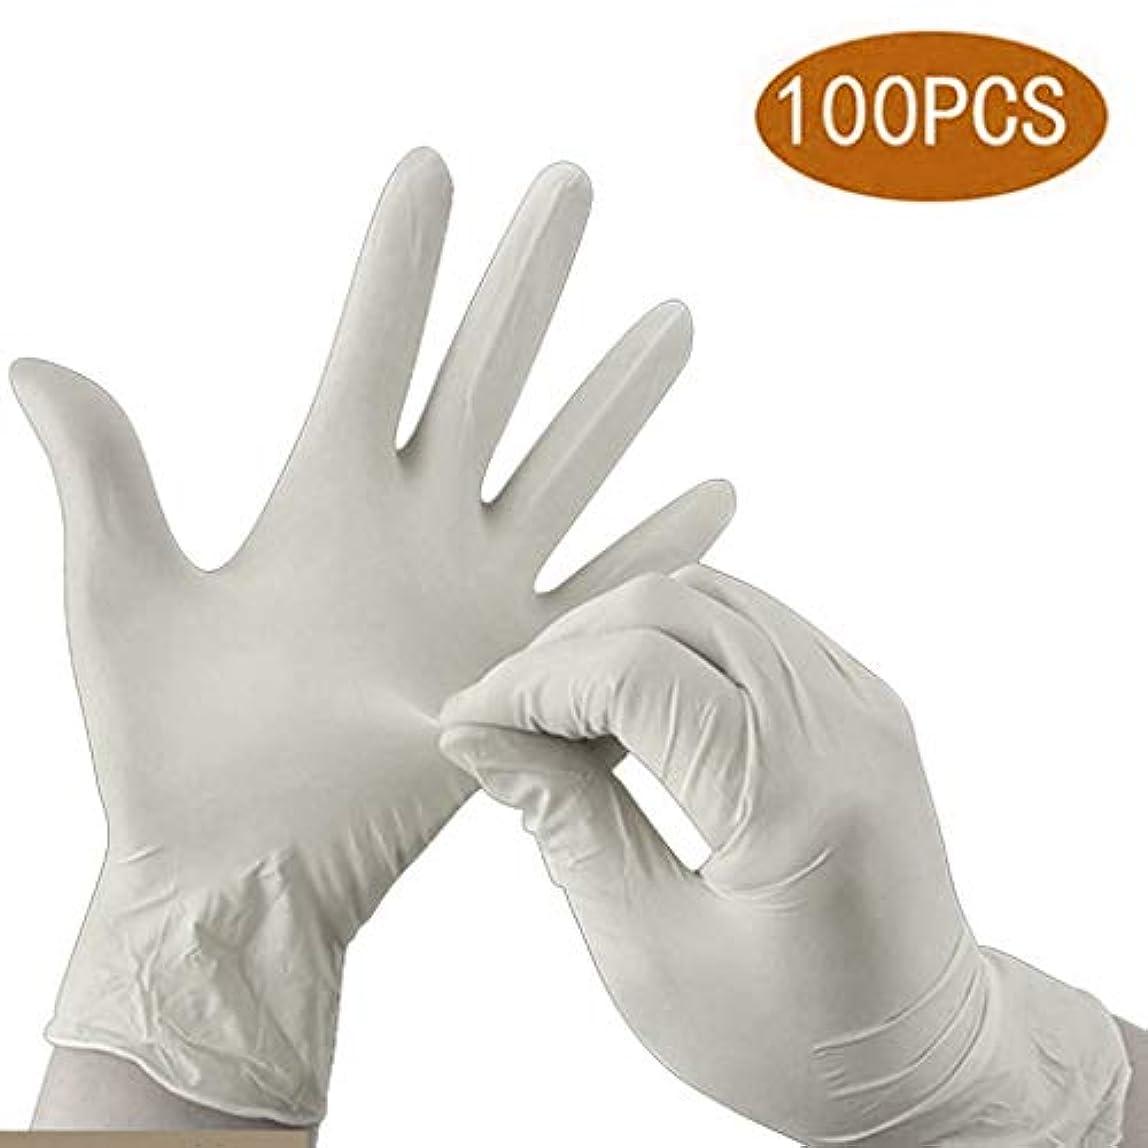 鉛筆直感香水使い捨て手袋厚い食品ケータリングゴムラテックス医療手術台所のプラスチック製9インチの保護在宅医療肥厚耐久性のあるタトゥー検査実験保護ゴム、(100個/箱) (Size : L)